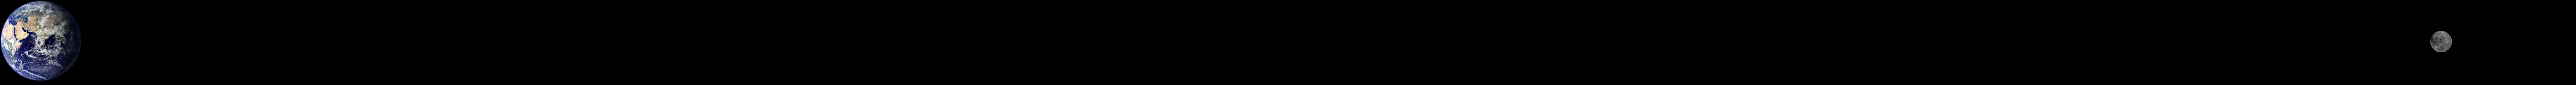 Zemlya i Luna v odnom kadre s Marsa 1